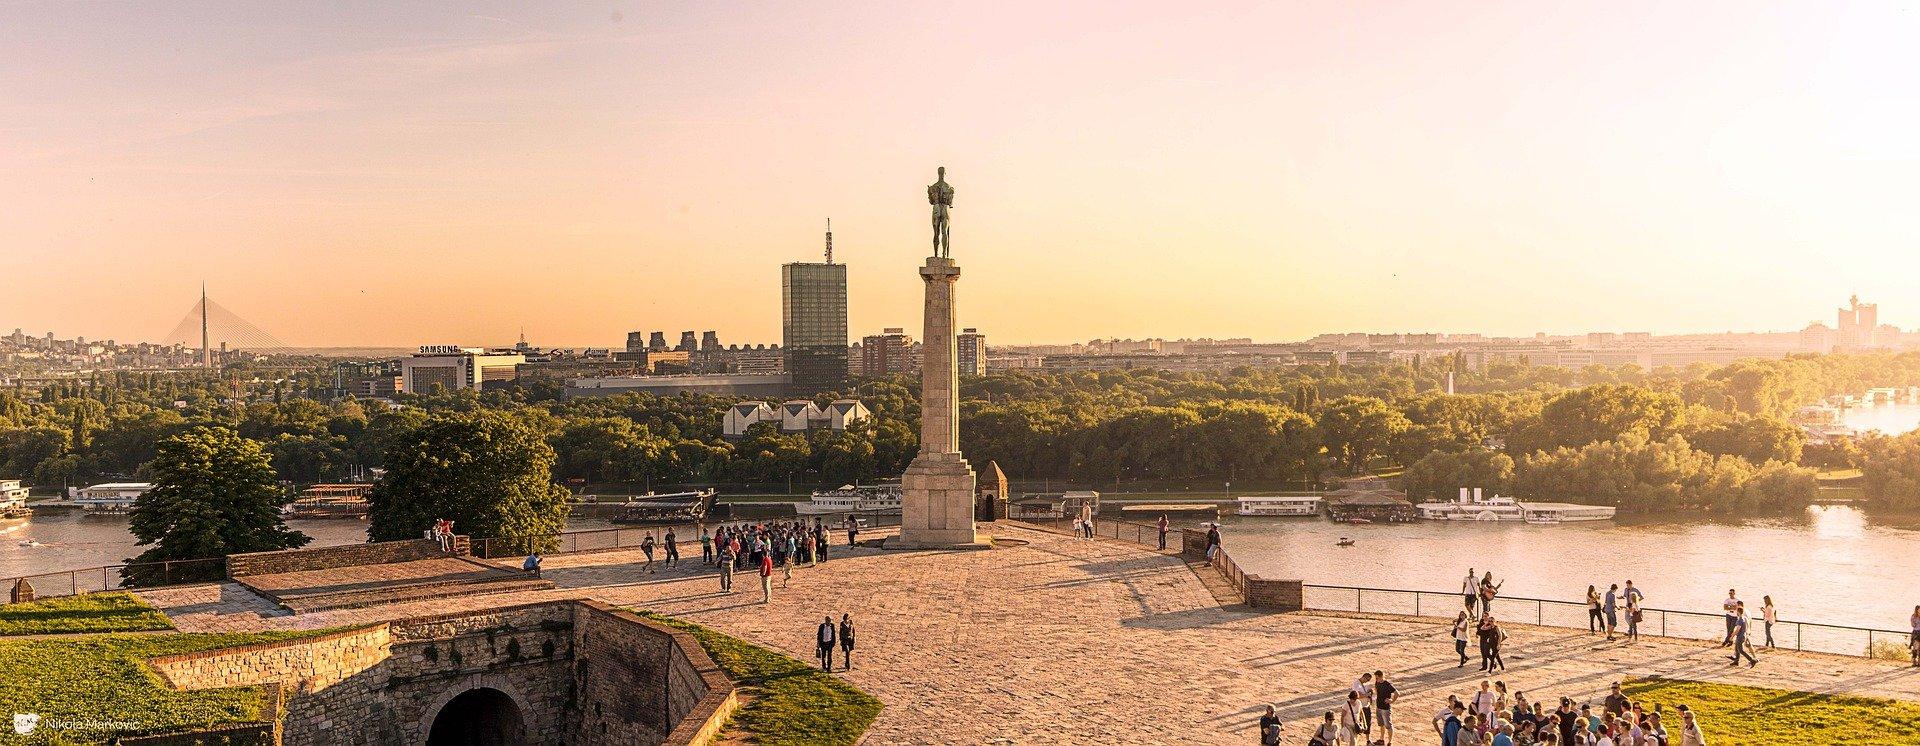 Beograd, beogradjanke online hotline iumsin.net